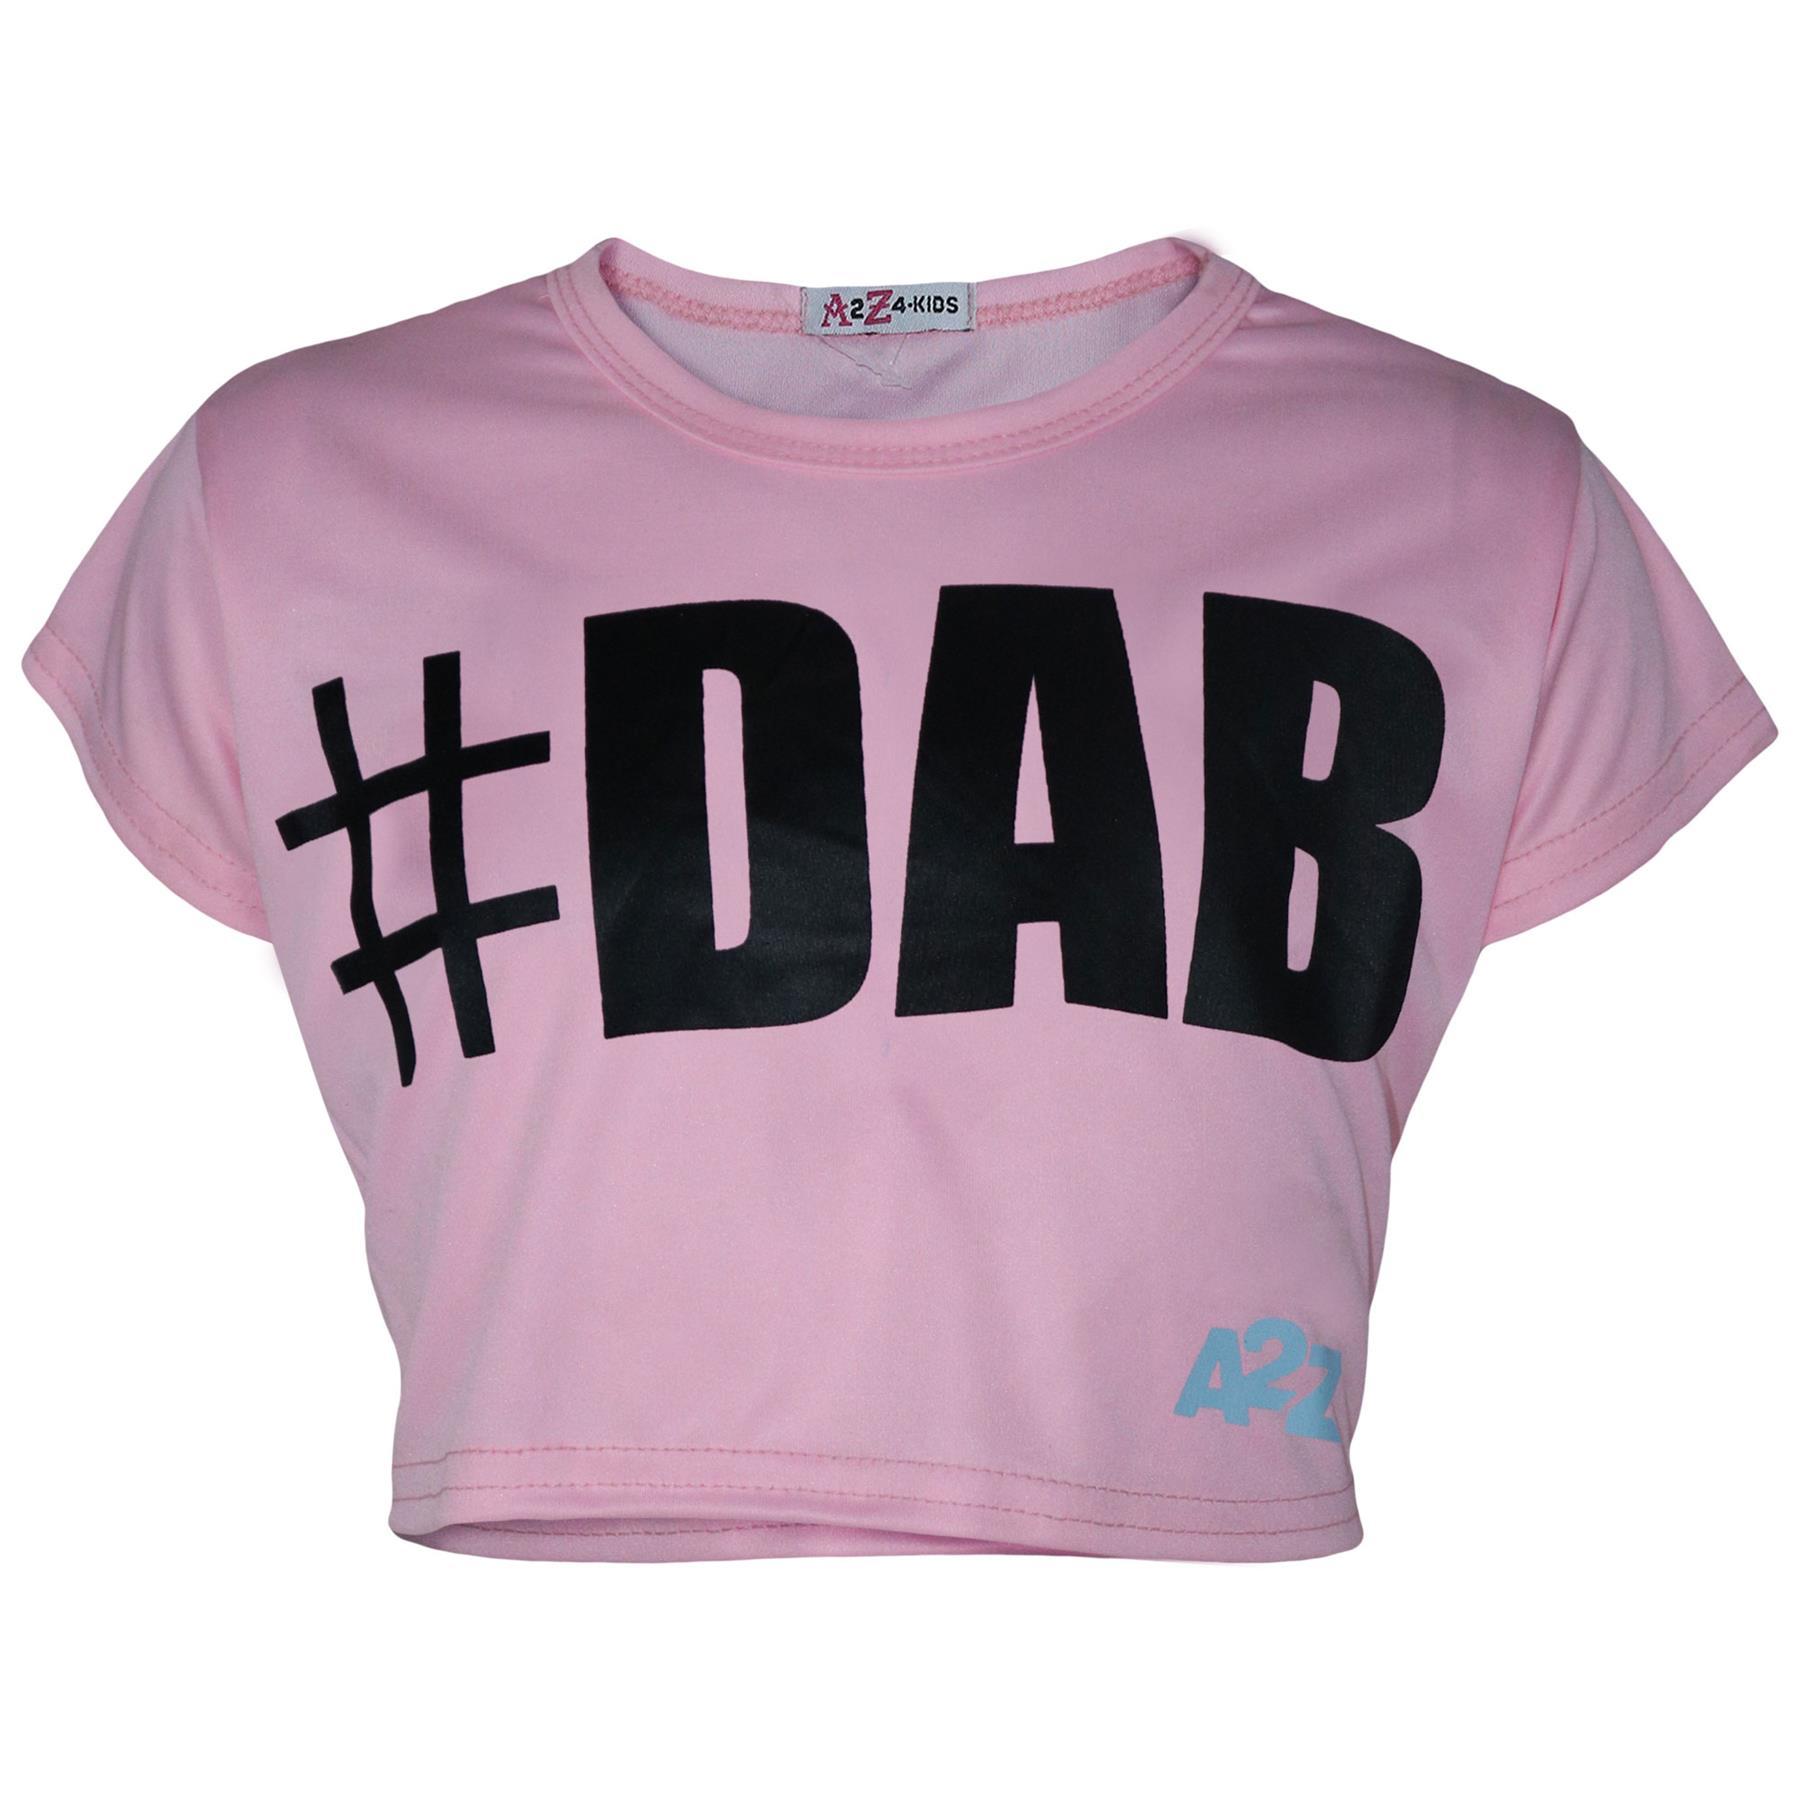 Kinder Mädchen Bauchfreies Top # DAB Trendy Modisch Seide Mode T-Shirt /& Rock